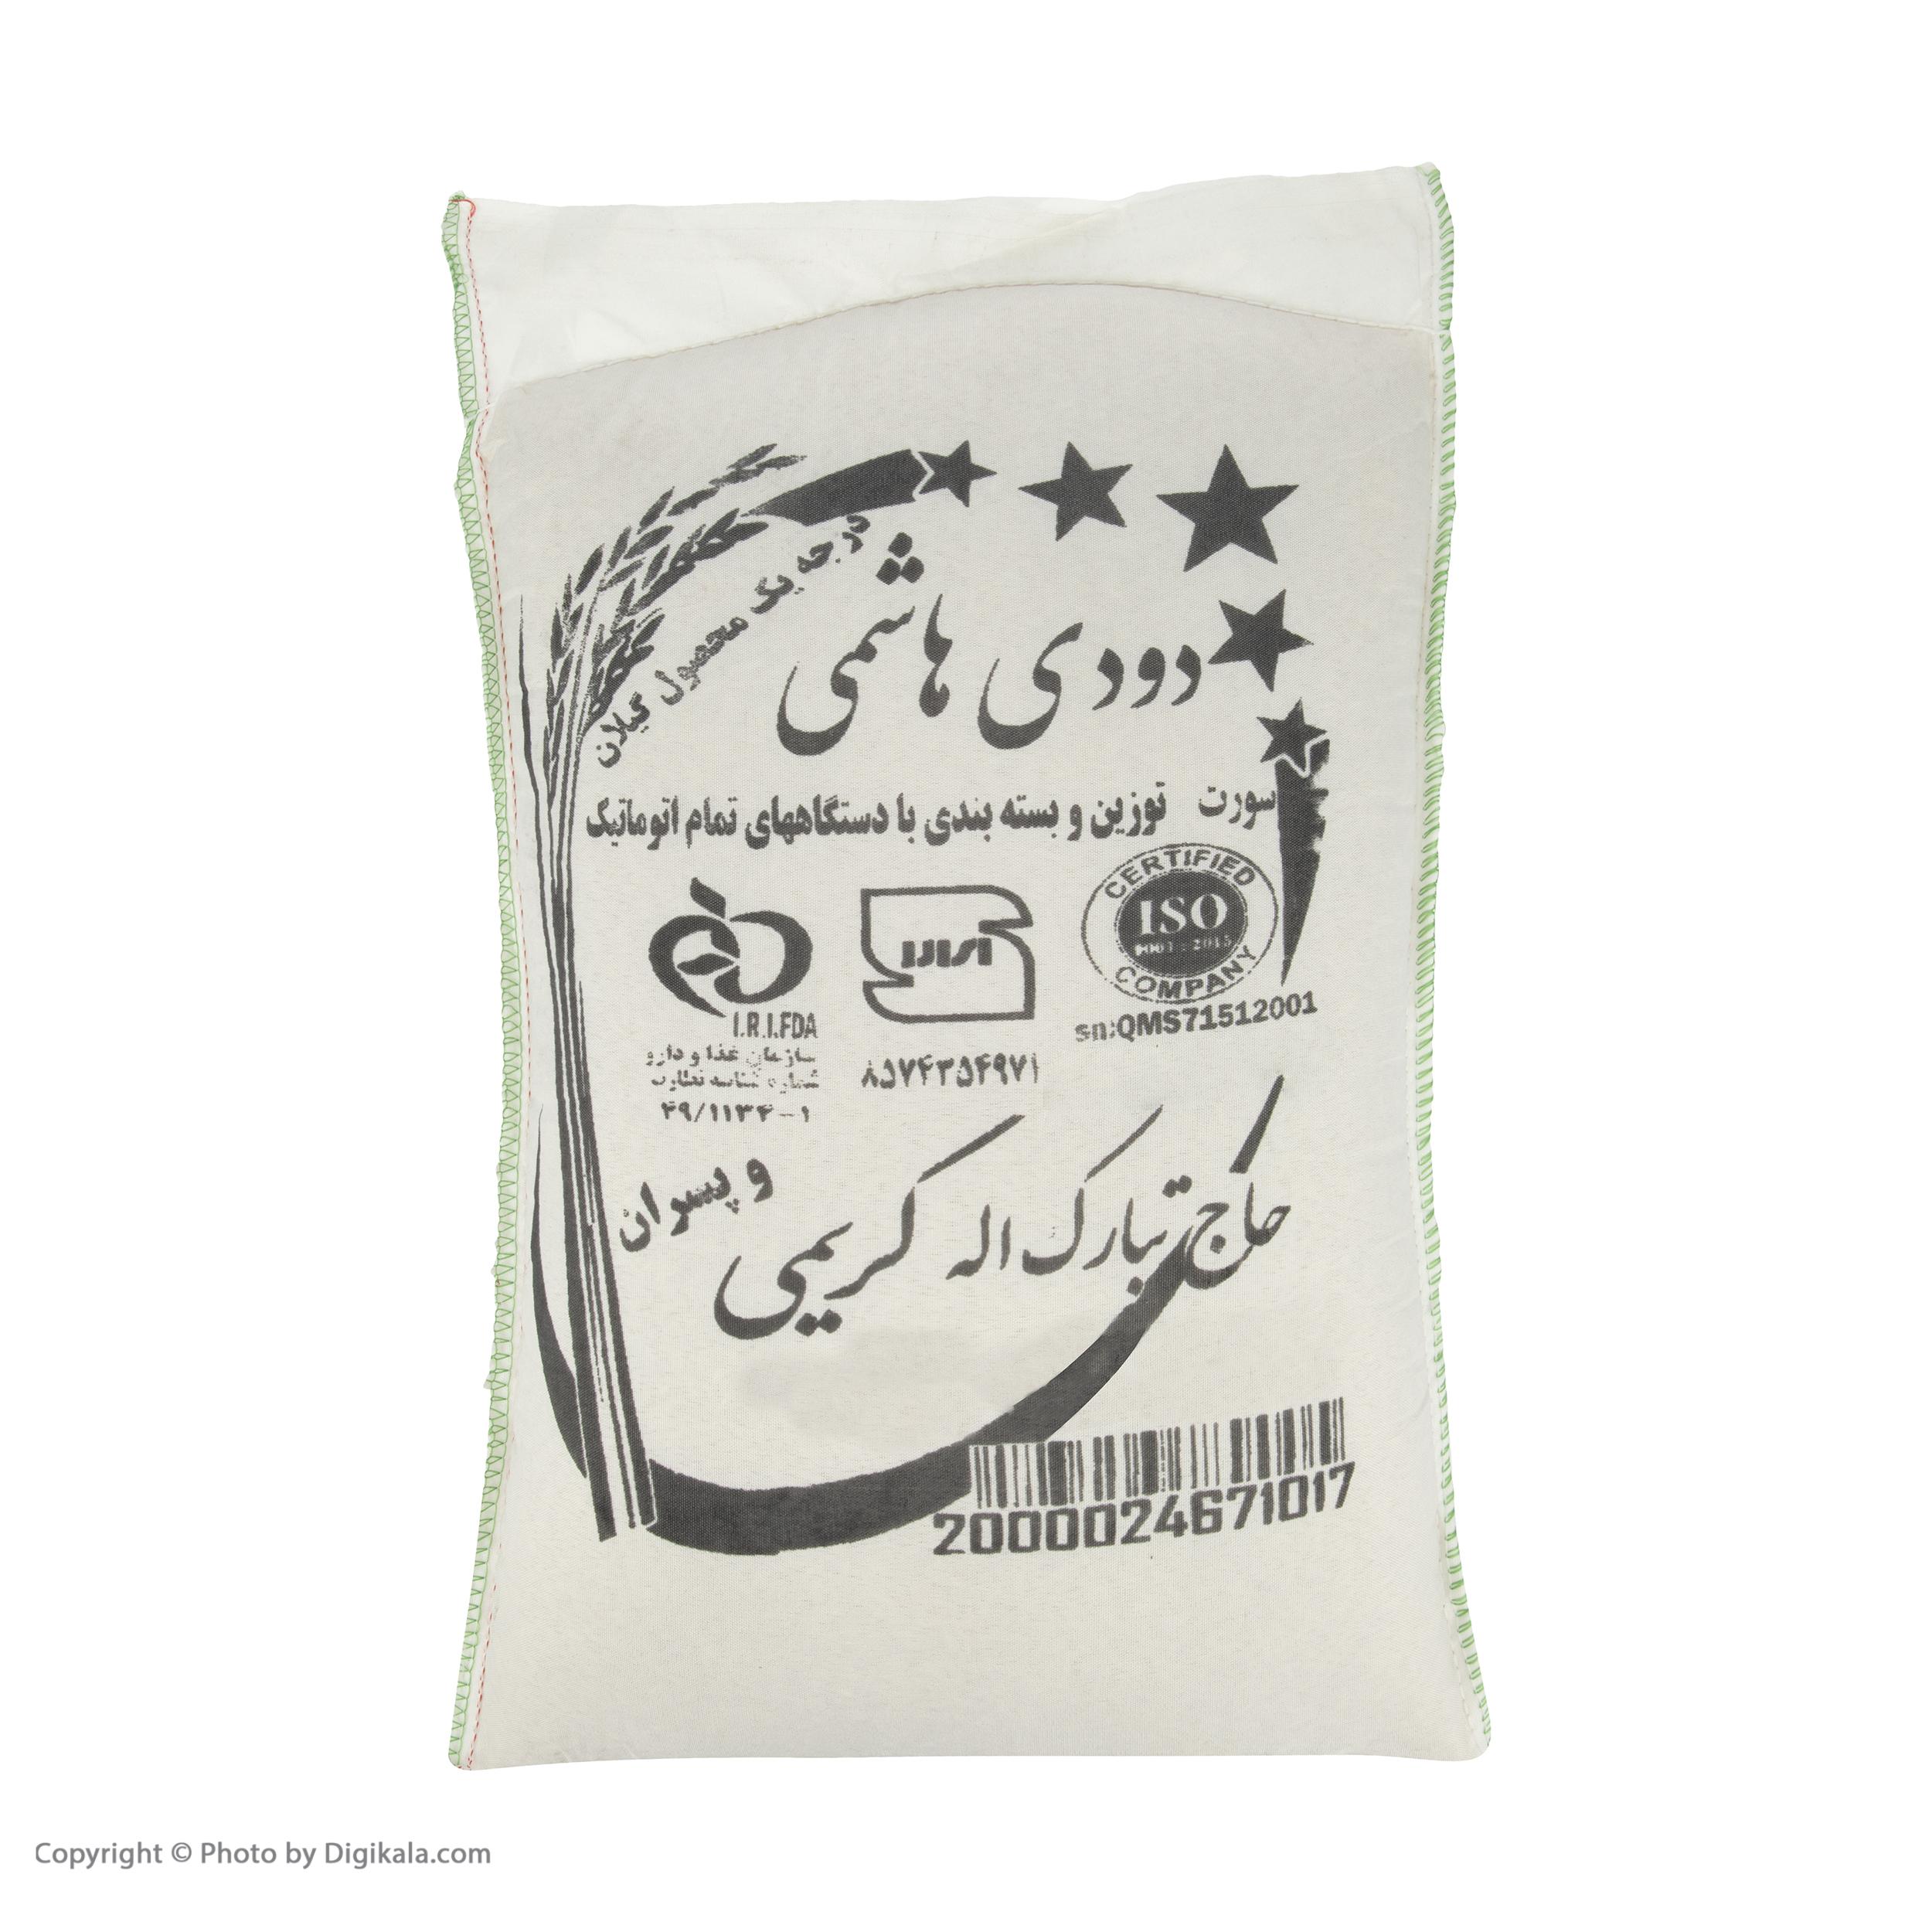 برنج دودی هاشمي حاج تبارک الله کريمی - 5 کيلوگرم